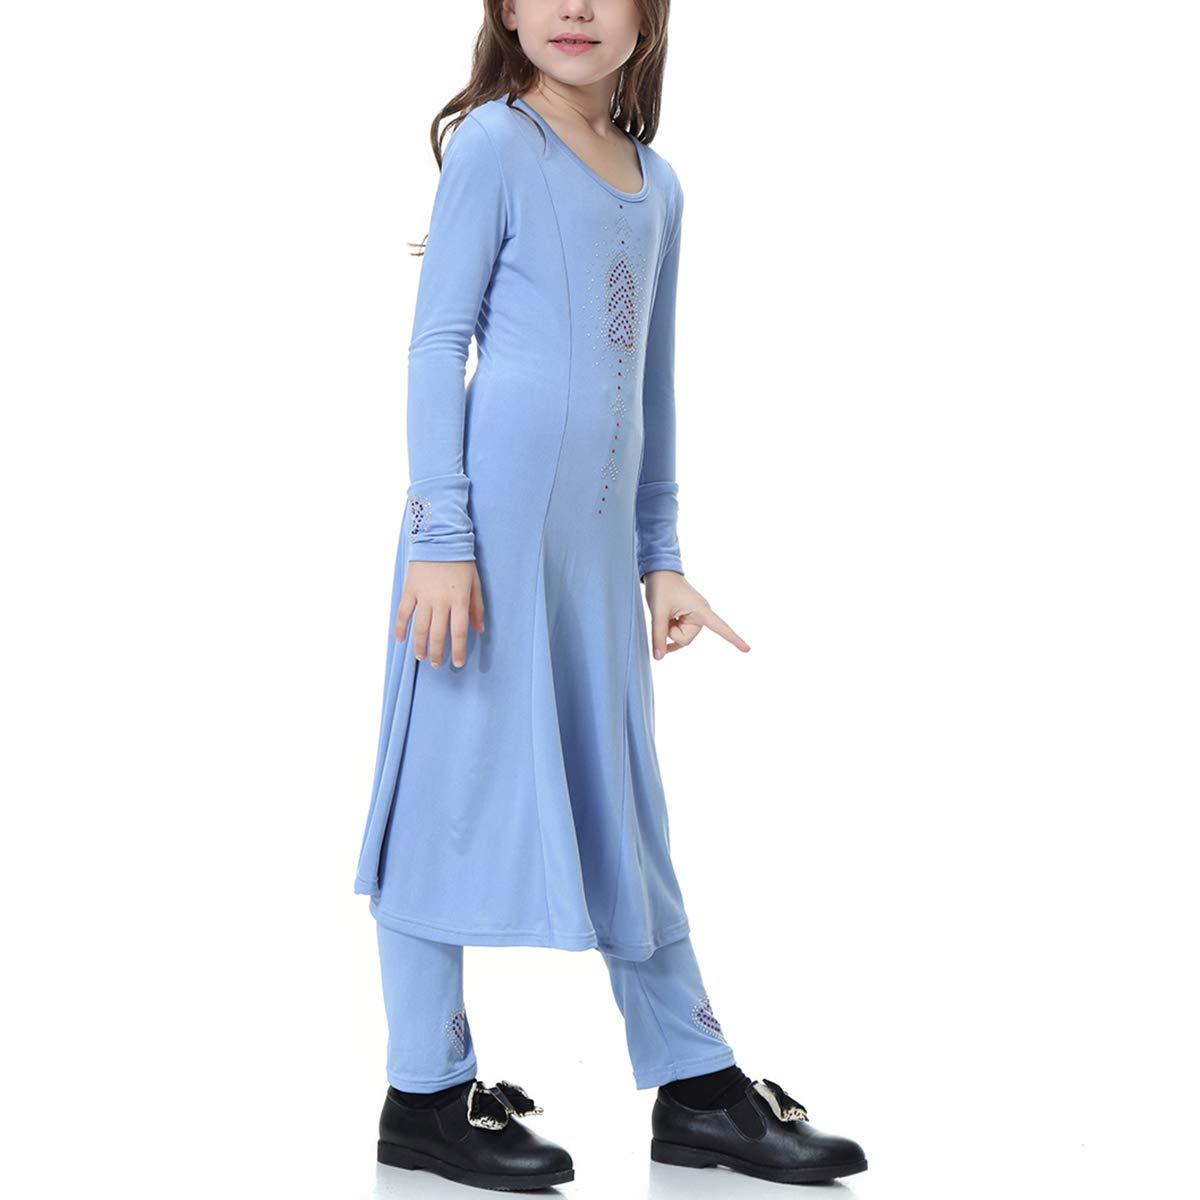 BESTOYARD 2pcs Establece niñas Musulmanas Trajes de Vestido Niños ...